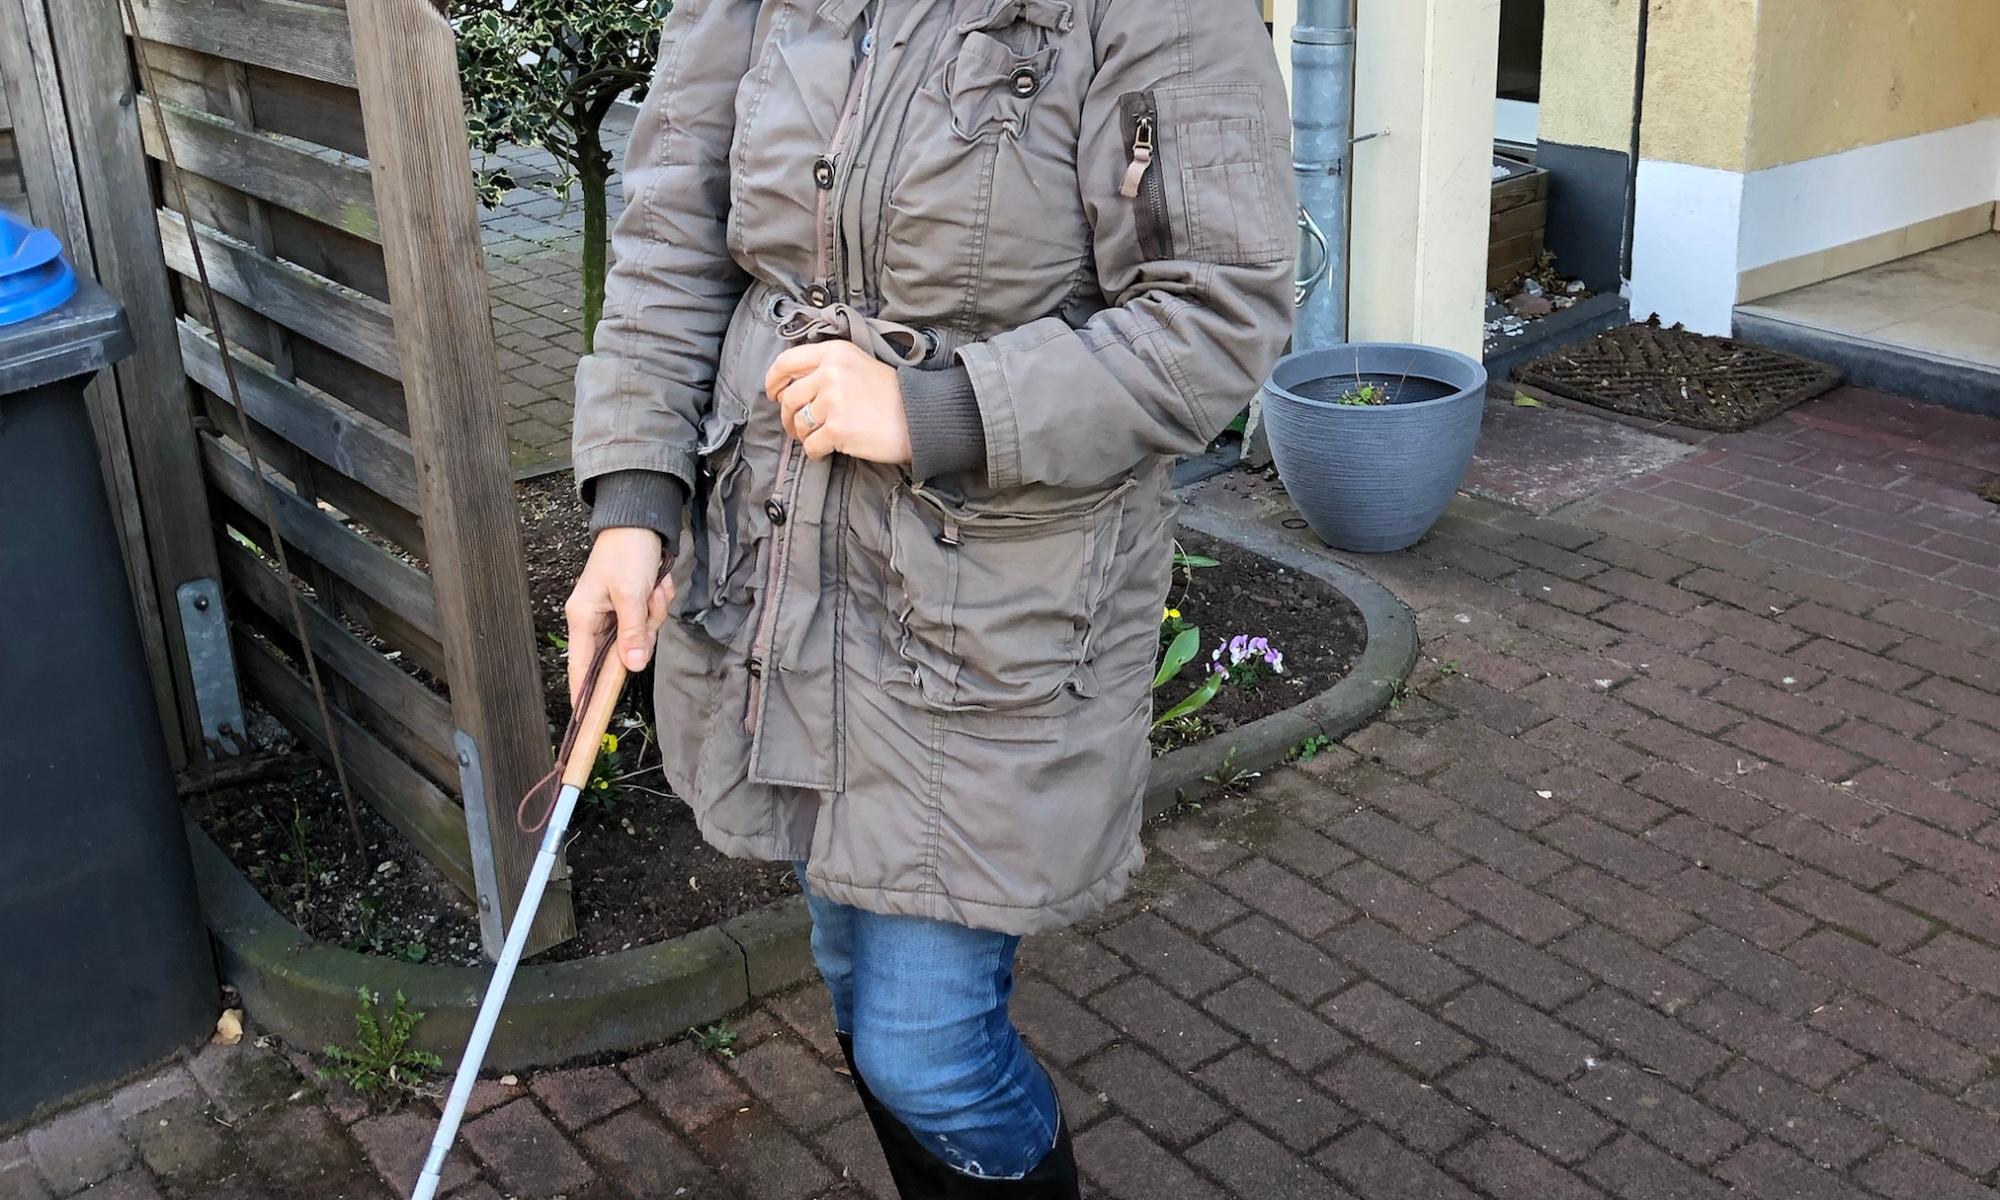 Eine Frau mit verbundenen Augen hält einen Blindenstock in der rechten Hand.